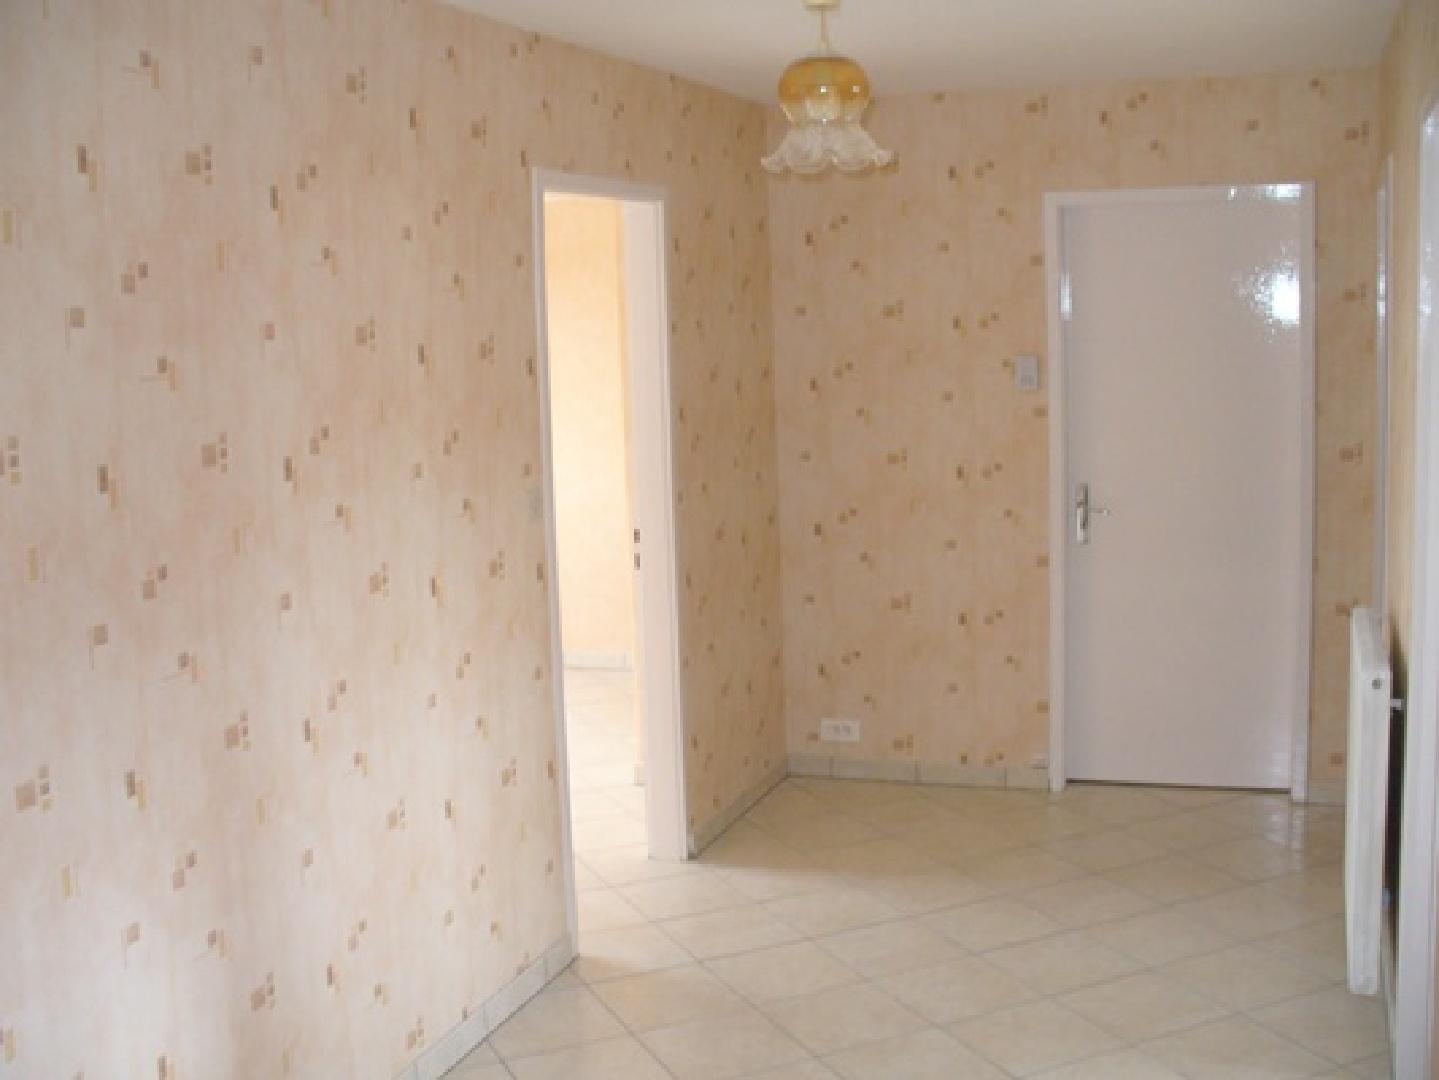 Location appartement f3 dans maison particuli re rue for Location appartement sans frais agence